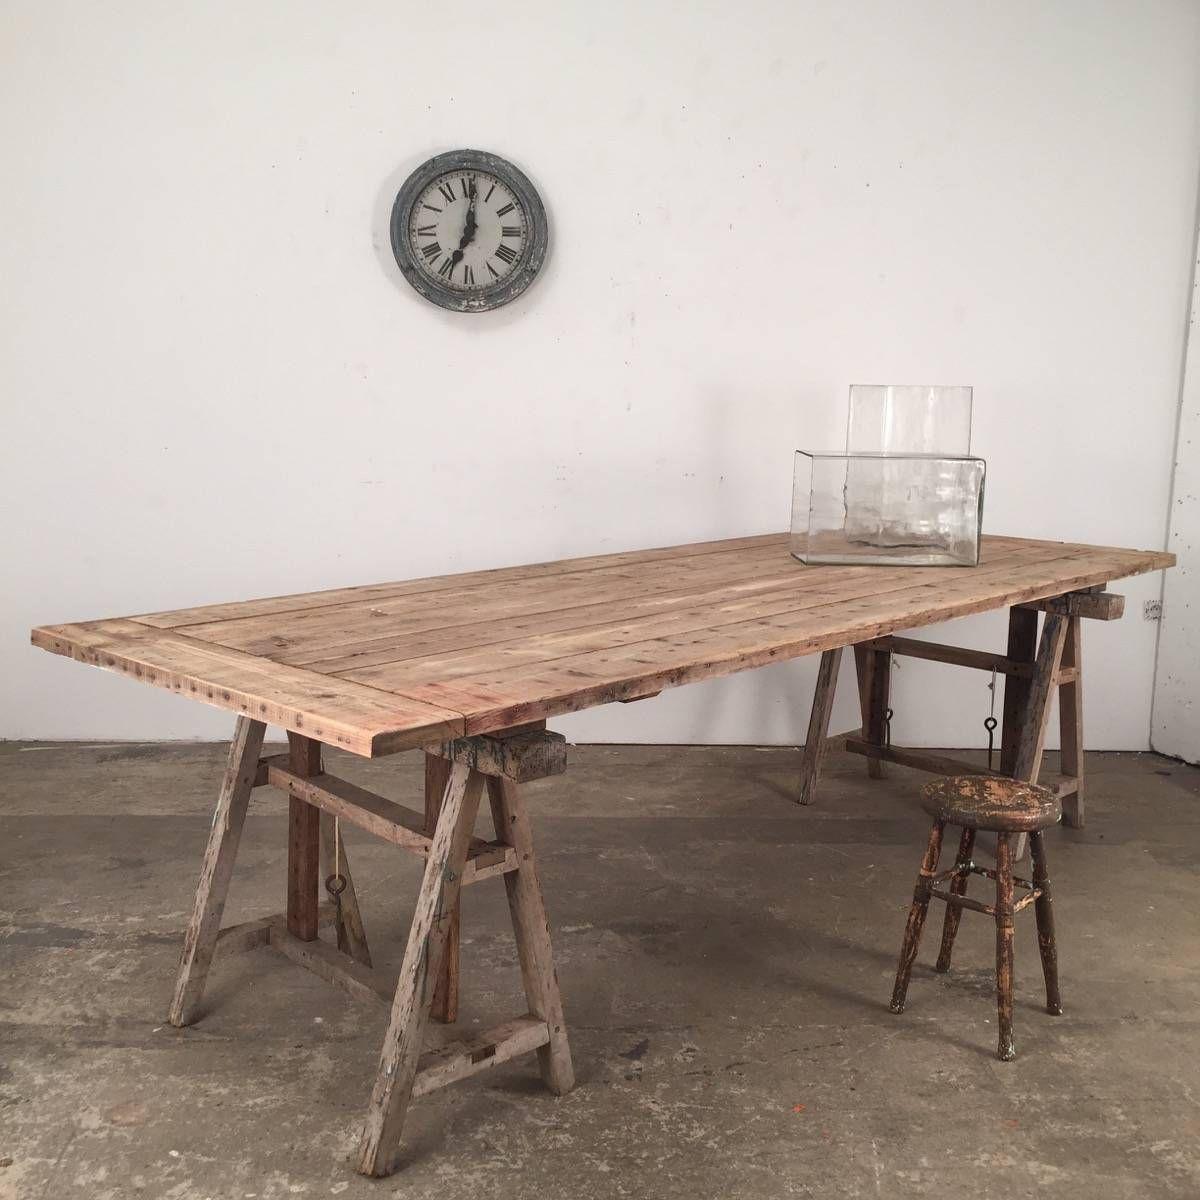 Jolie Table A Treteaux Ajustable En Sapin Delave Table Treteau Table A Manger Treteaux Table Plancha